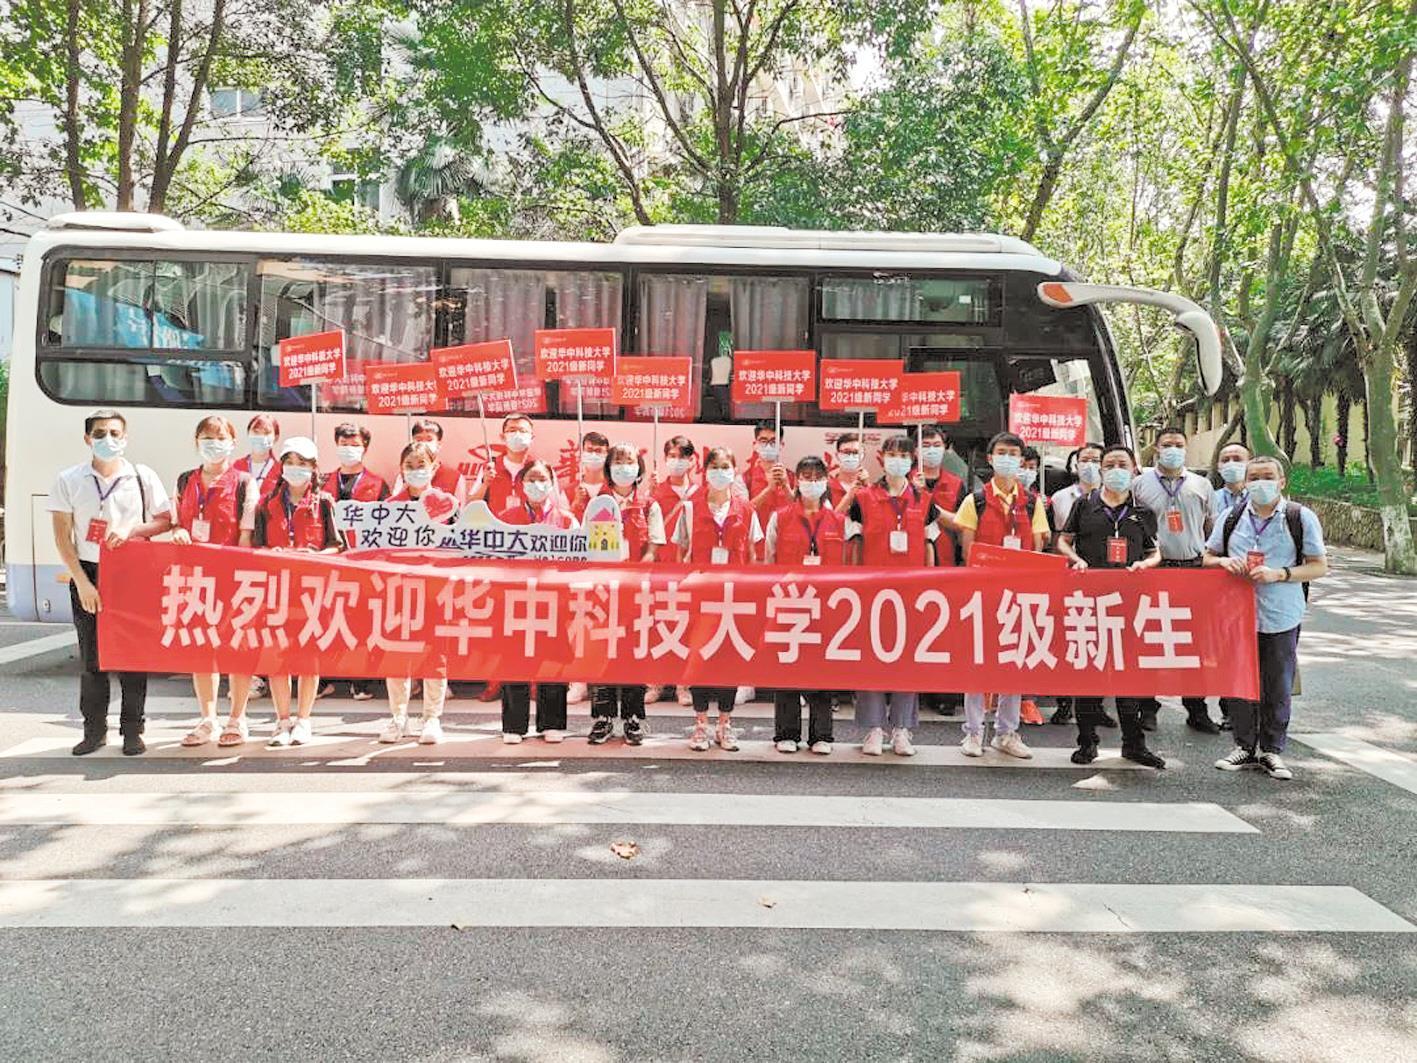 百萬學子陸續返漢 武大華中科大同日迎新